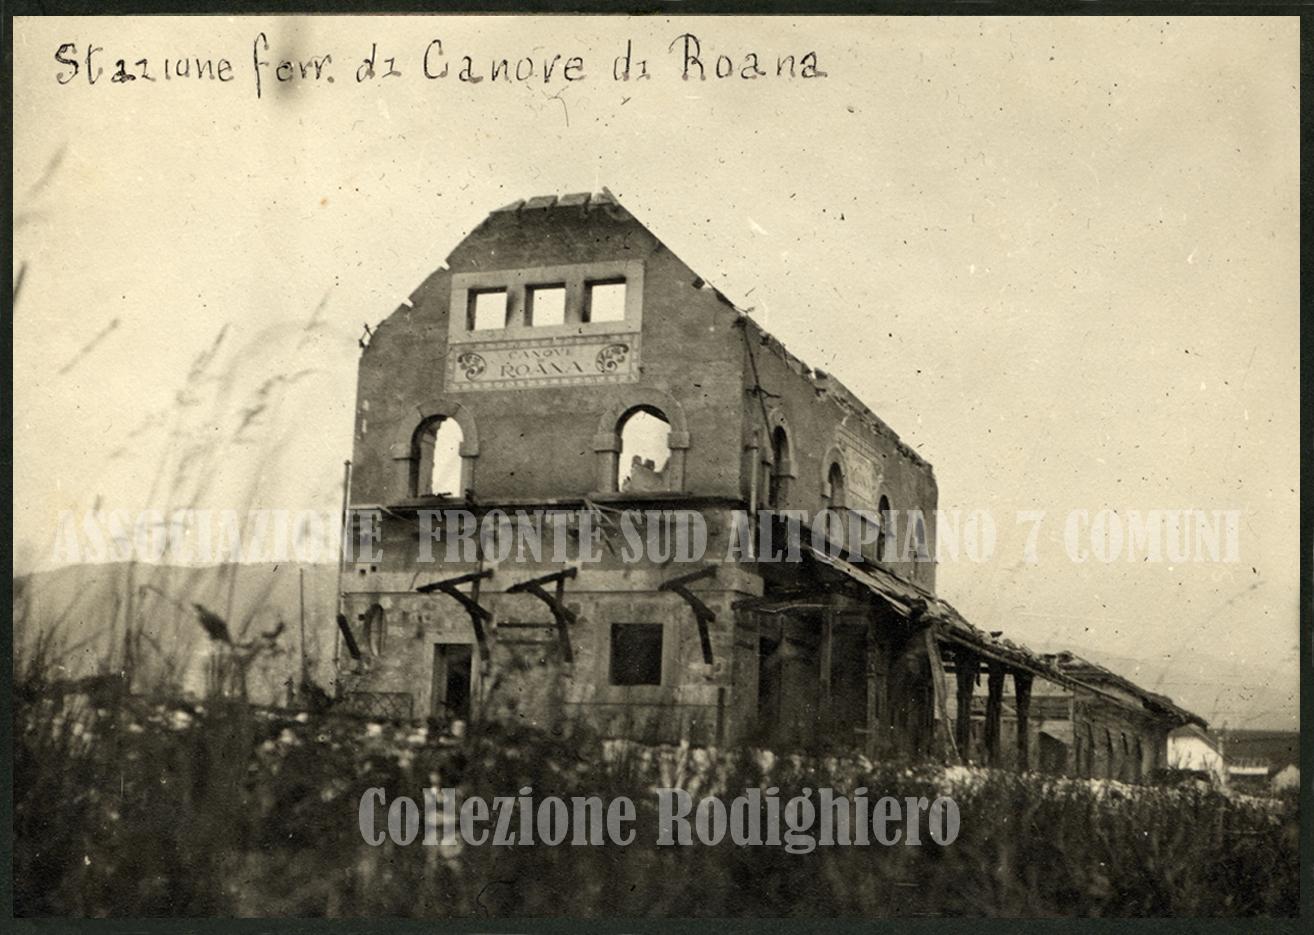 33 - Stazione ferroviaria di canove distrutta.jpg